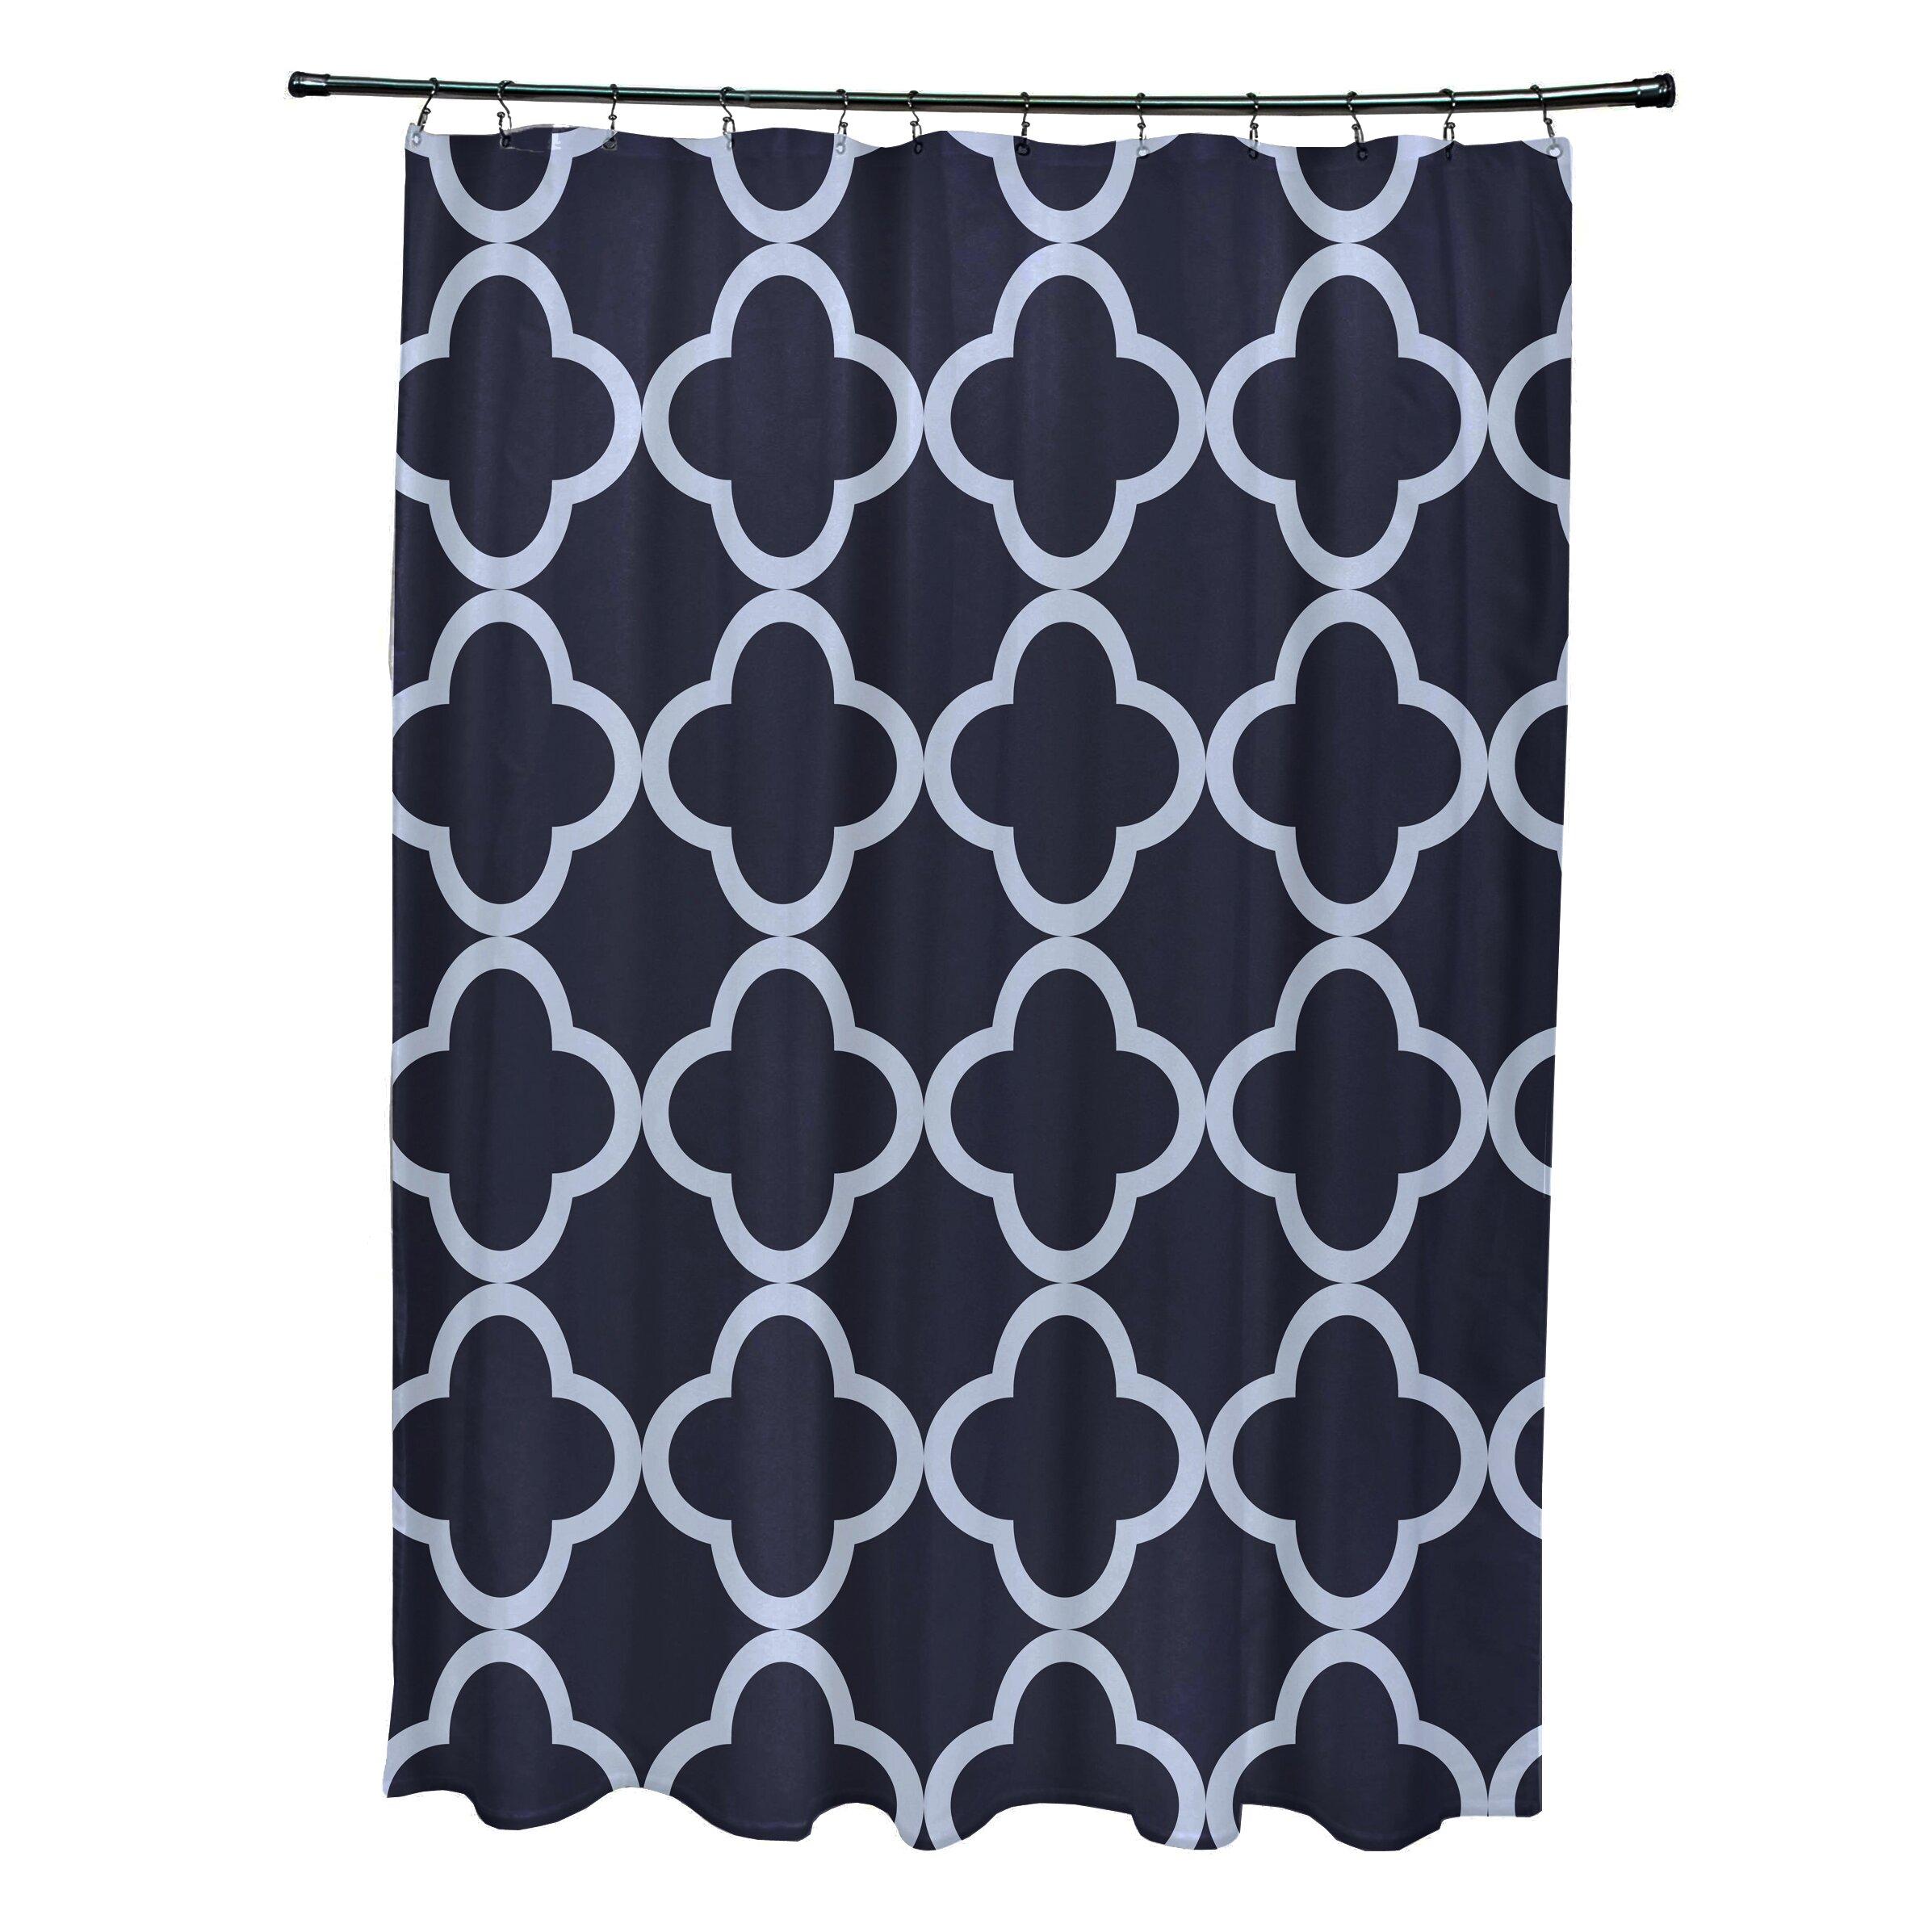 Marrakech Express Geometric Print Shower Curtain Wayfair